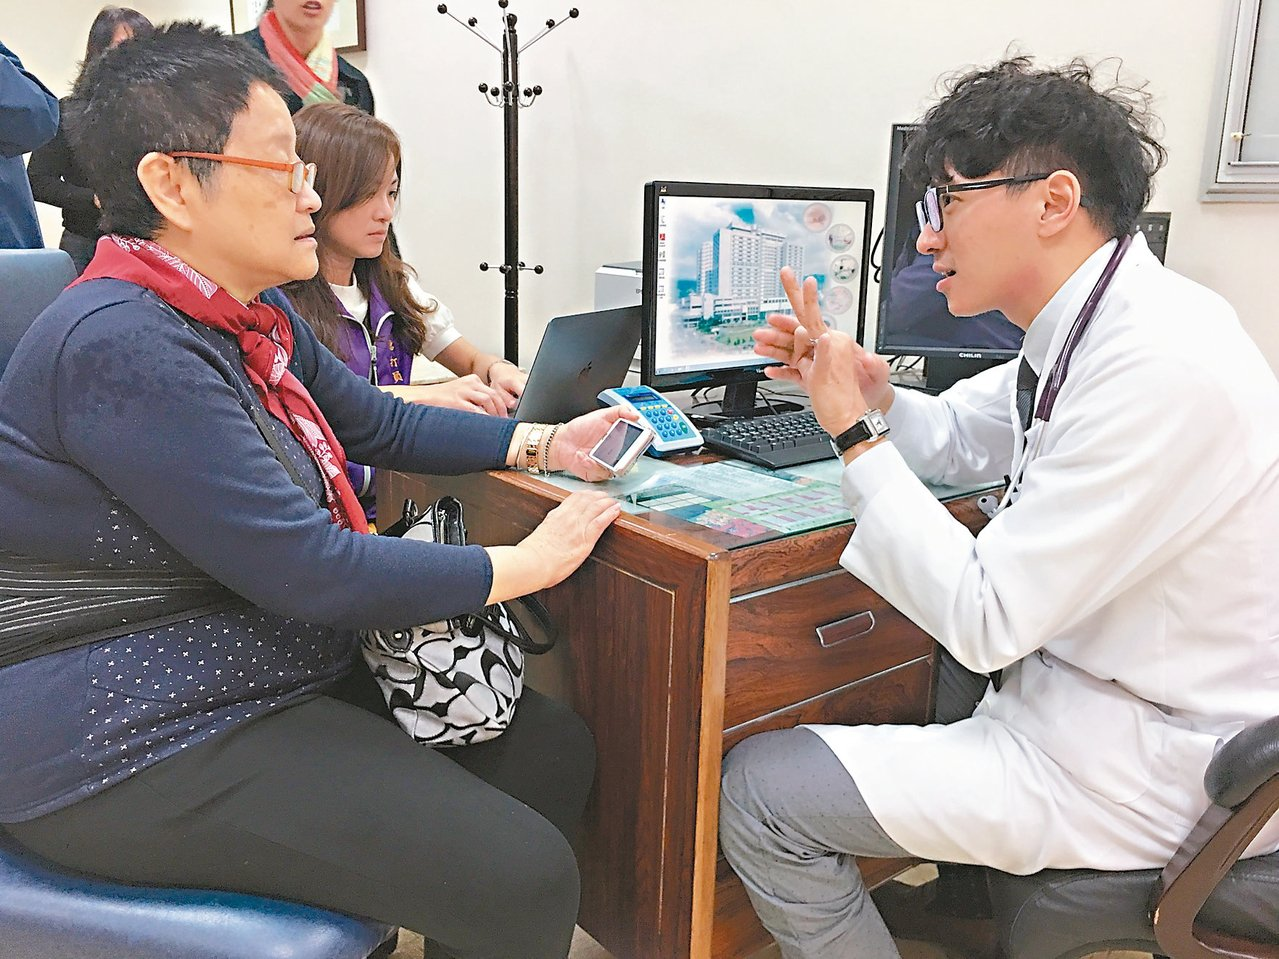 聽打員(左後)協助聽障密斯余讓瑩(左前)看診。 記者鄧桂芬/攝影